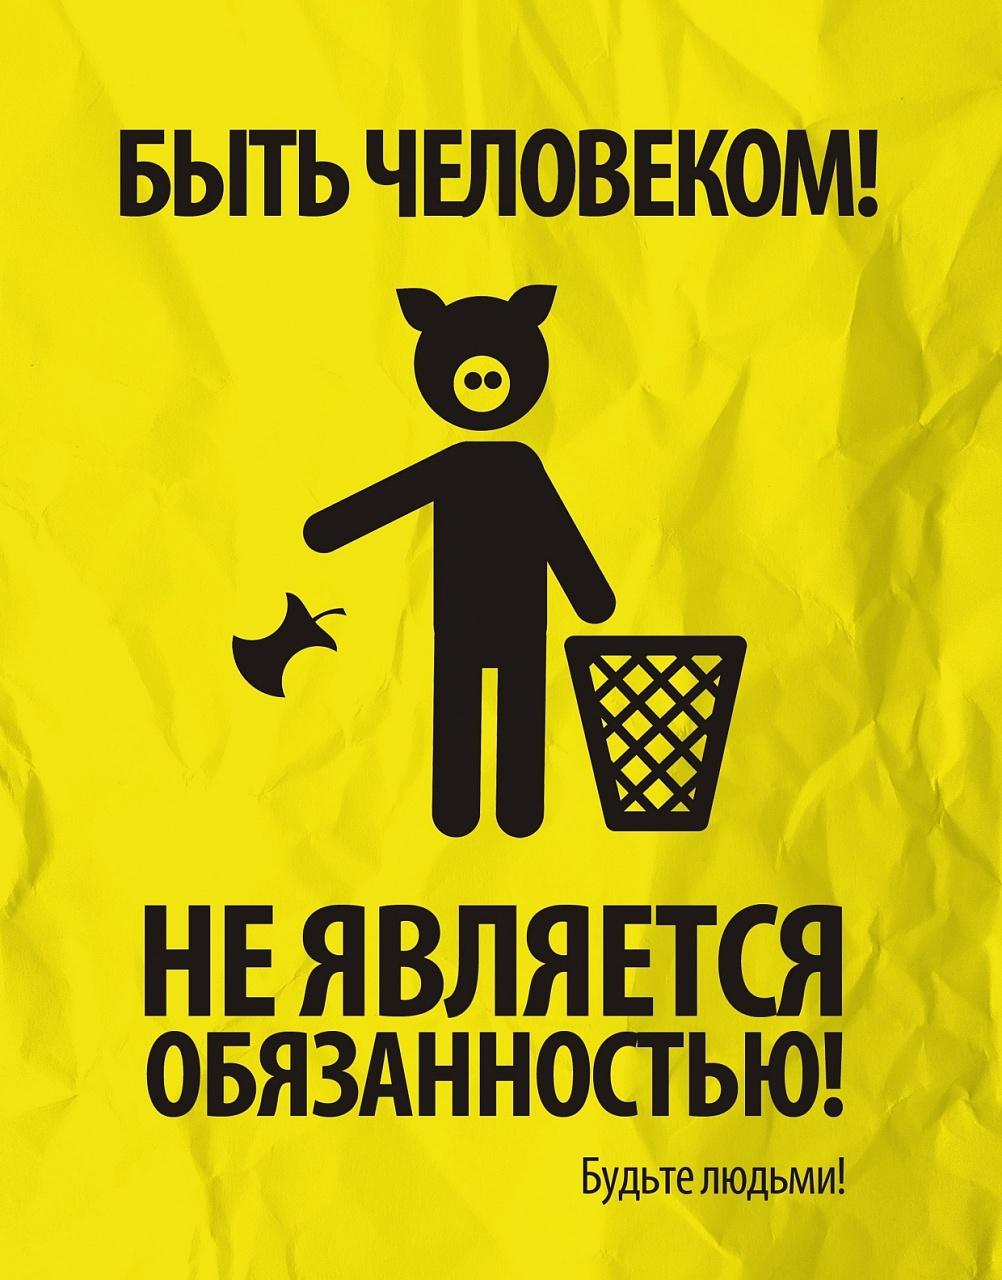 Православные, картинки не сорить прикольные